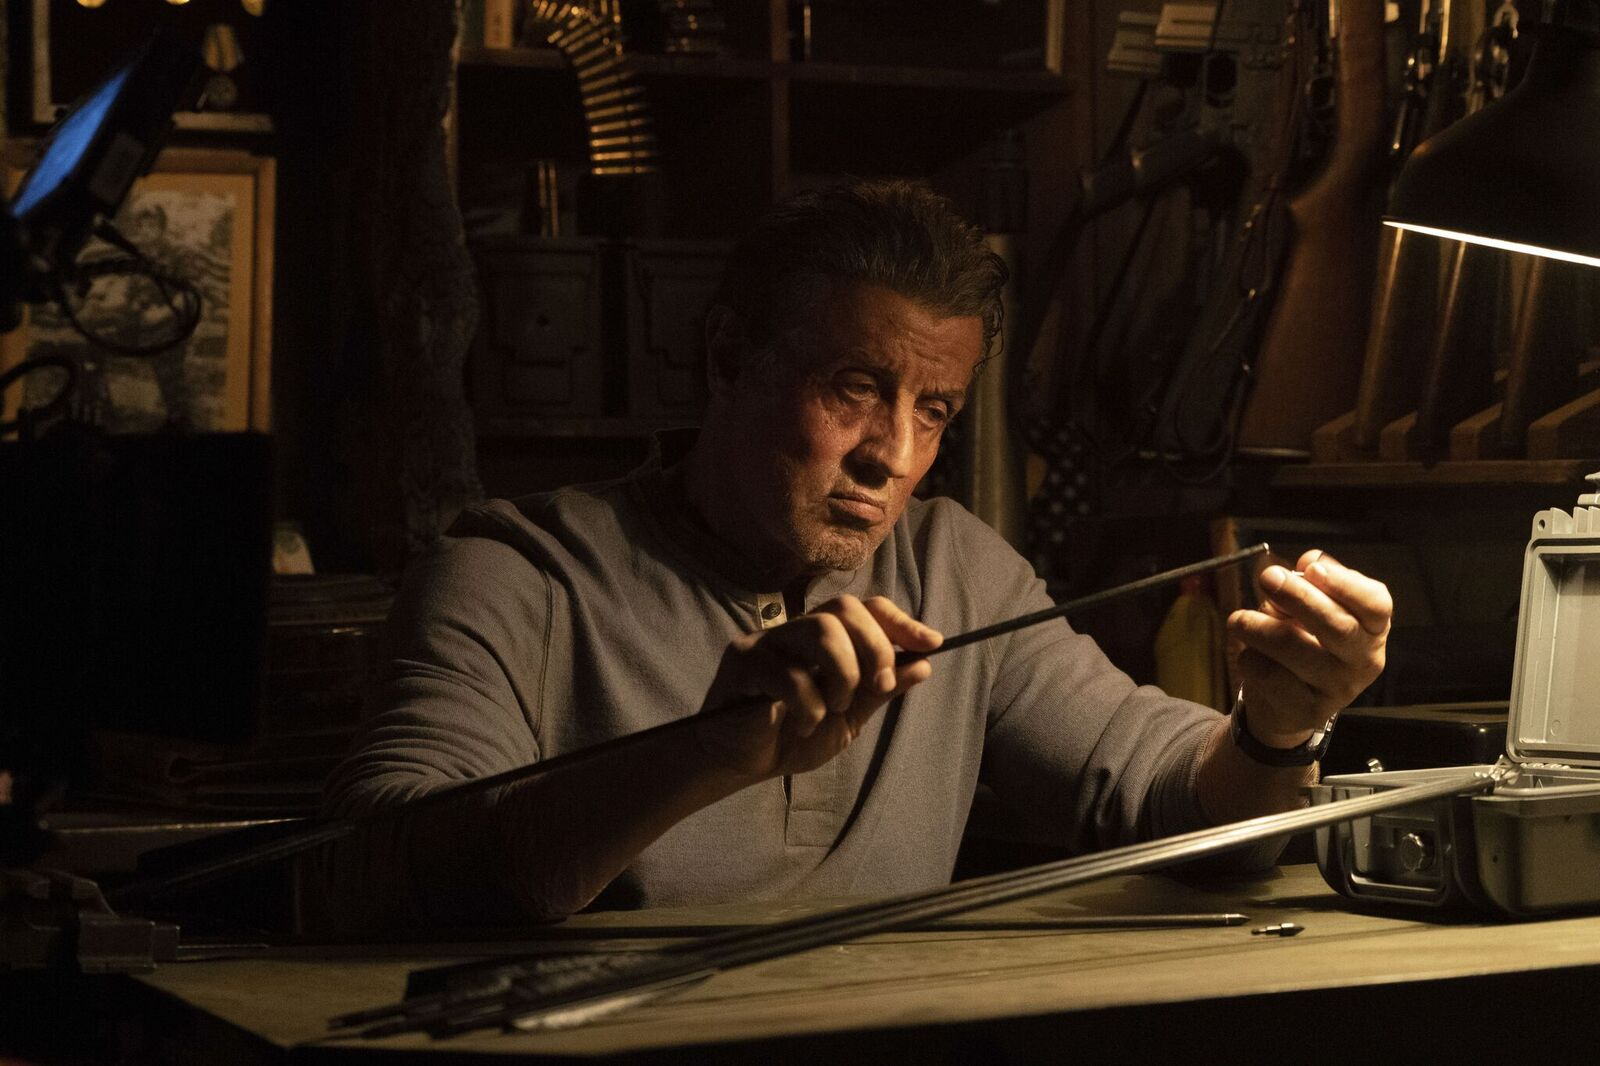 John Rambo (Sylvester Stallone) bereitet Pfeil und Bogen vor, um die entführte Enkelin seiner Haushälterin zu retten © Universum Film